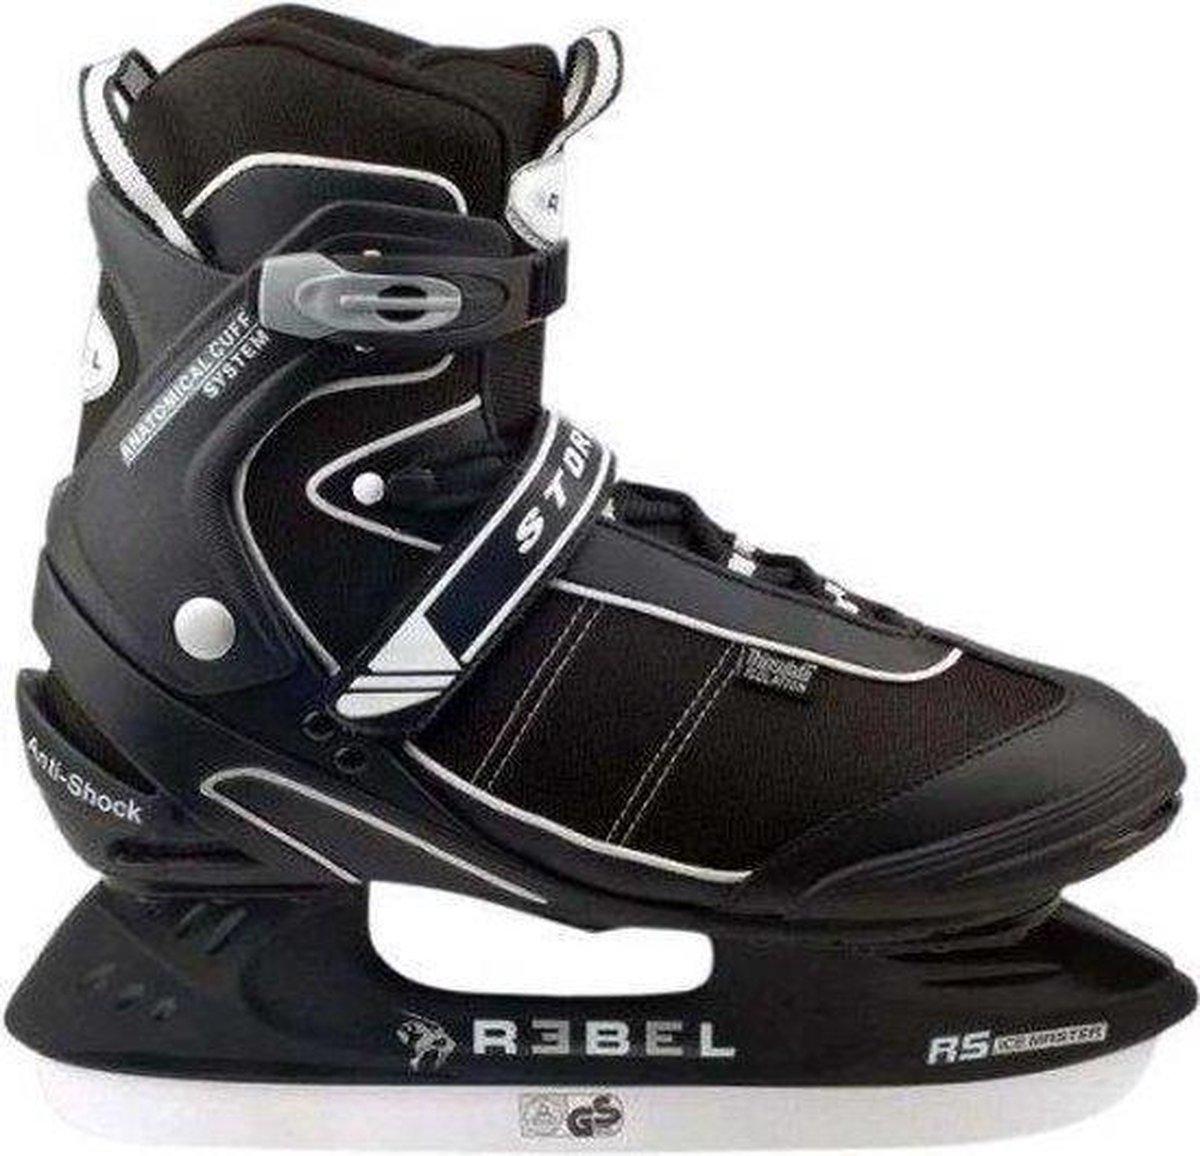 Rebel ijshockey schaatsen zwart 45/46